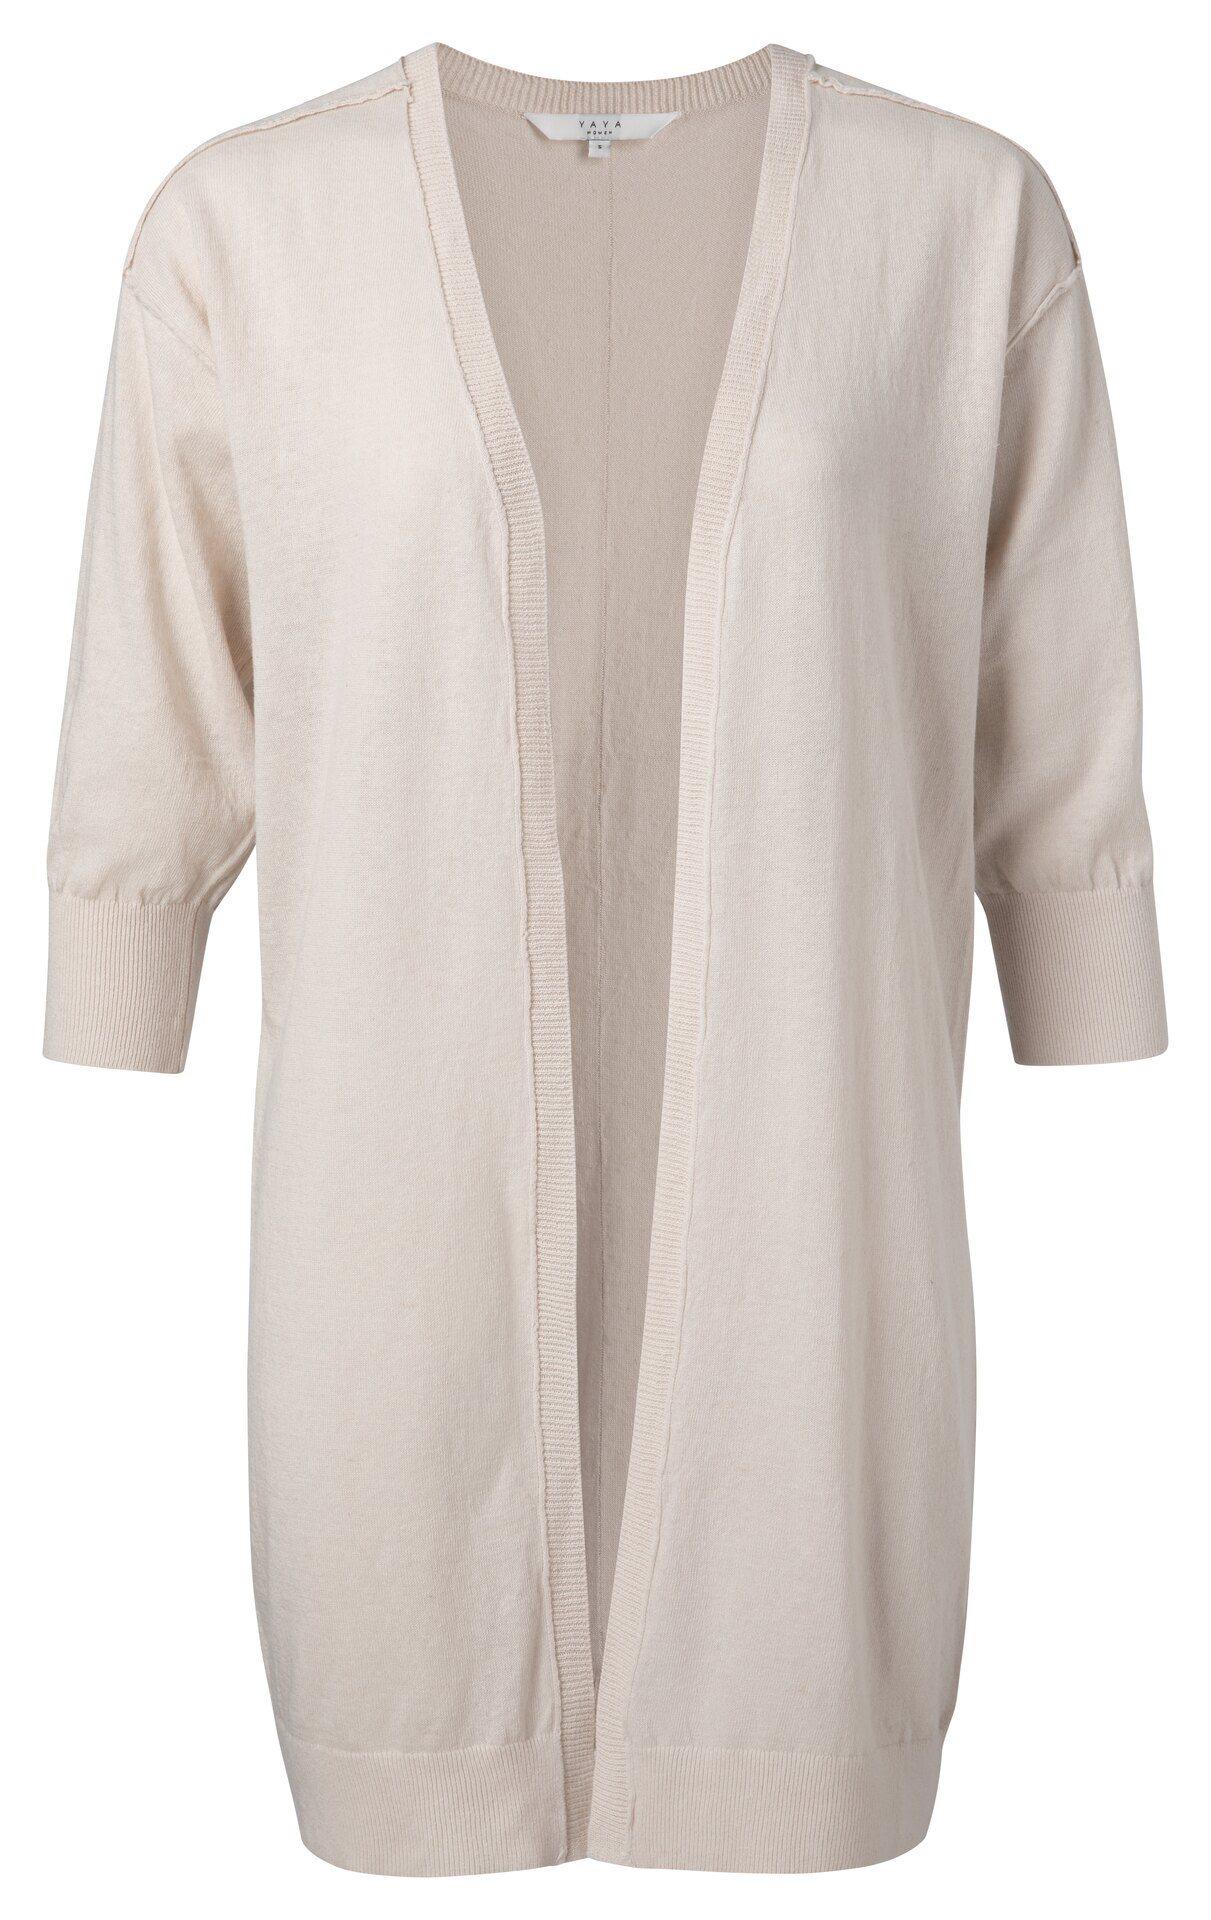 Vest Linen Cotton Blend